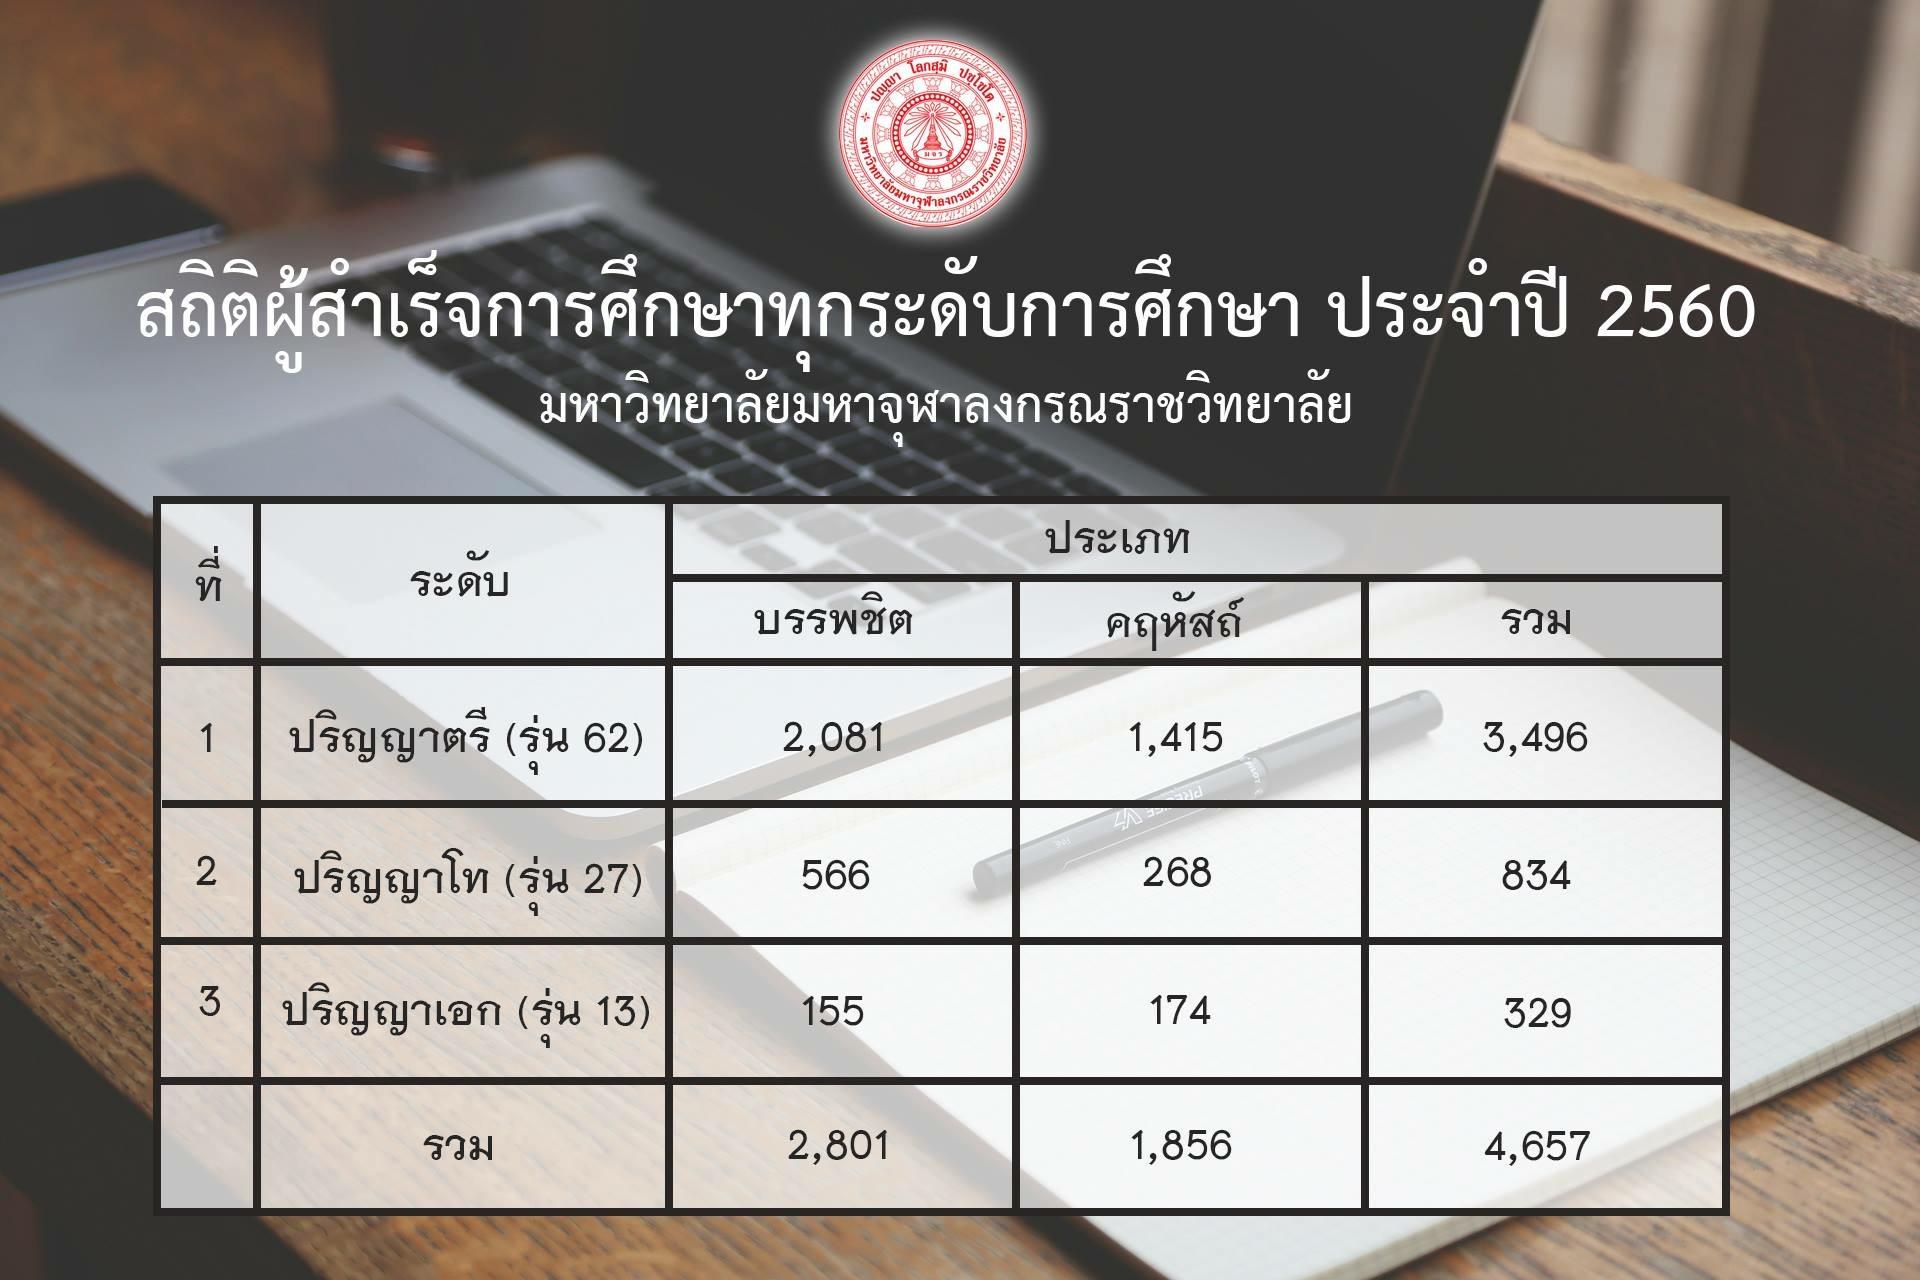 Photo of สถิติผู้สำเร็จการศึกษา มหาวิทยาลัยมหาจุฬาลงกรณราชวิทยาลัย ปี 2560